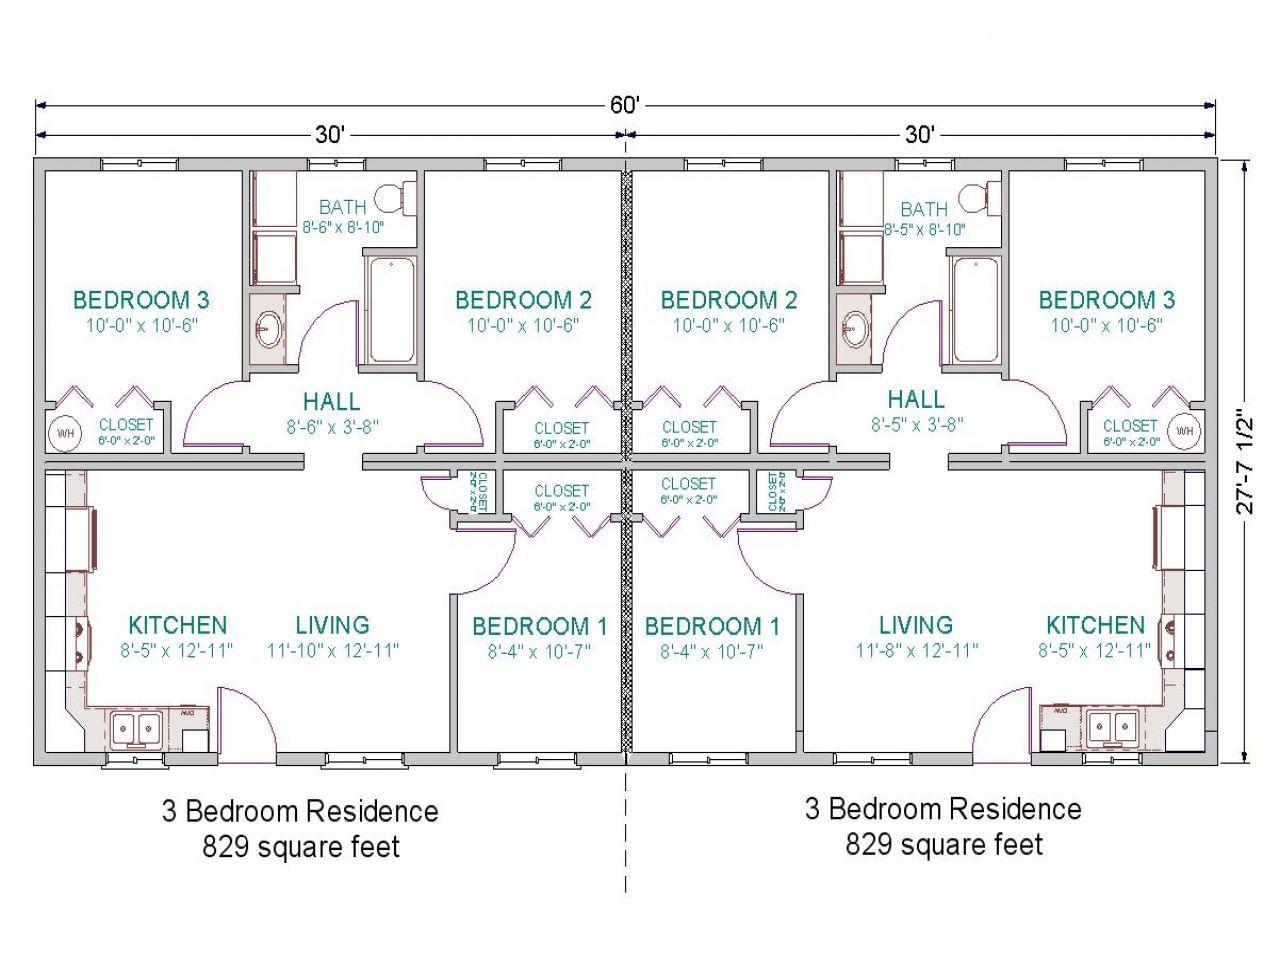 Simple Duplex House Plans 3 Bedroom Duplex Floor Plans Simple 3 Bedroom House Plans Duplex Floor Plans Modular Home Plans Duplex Plans